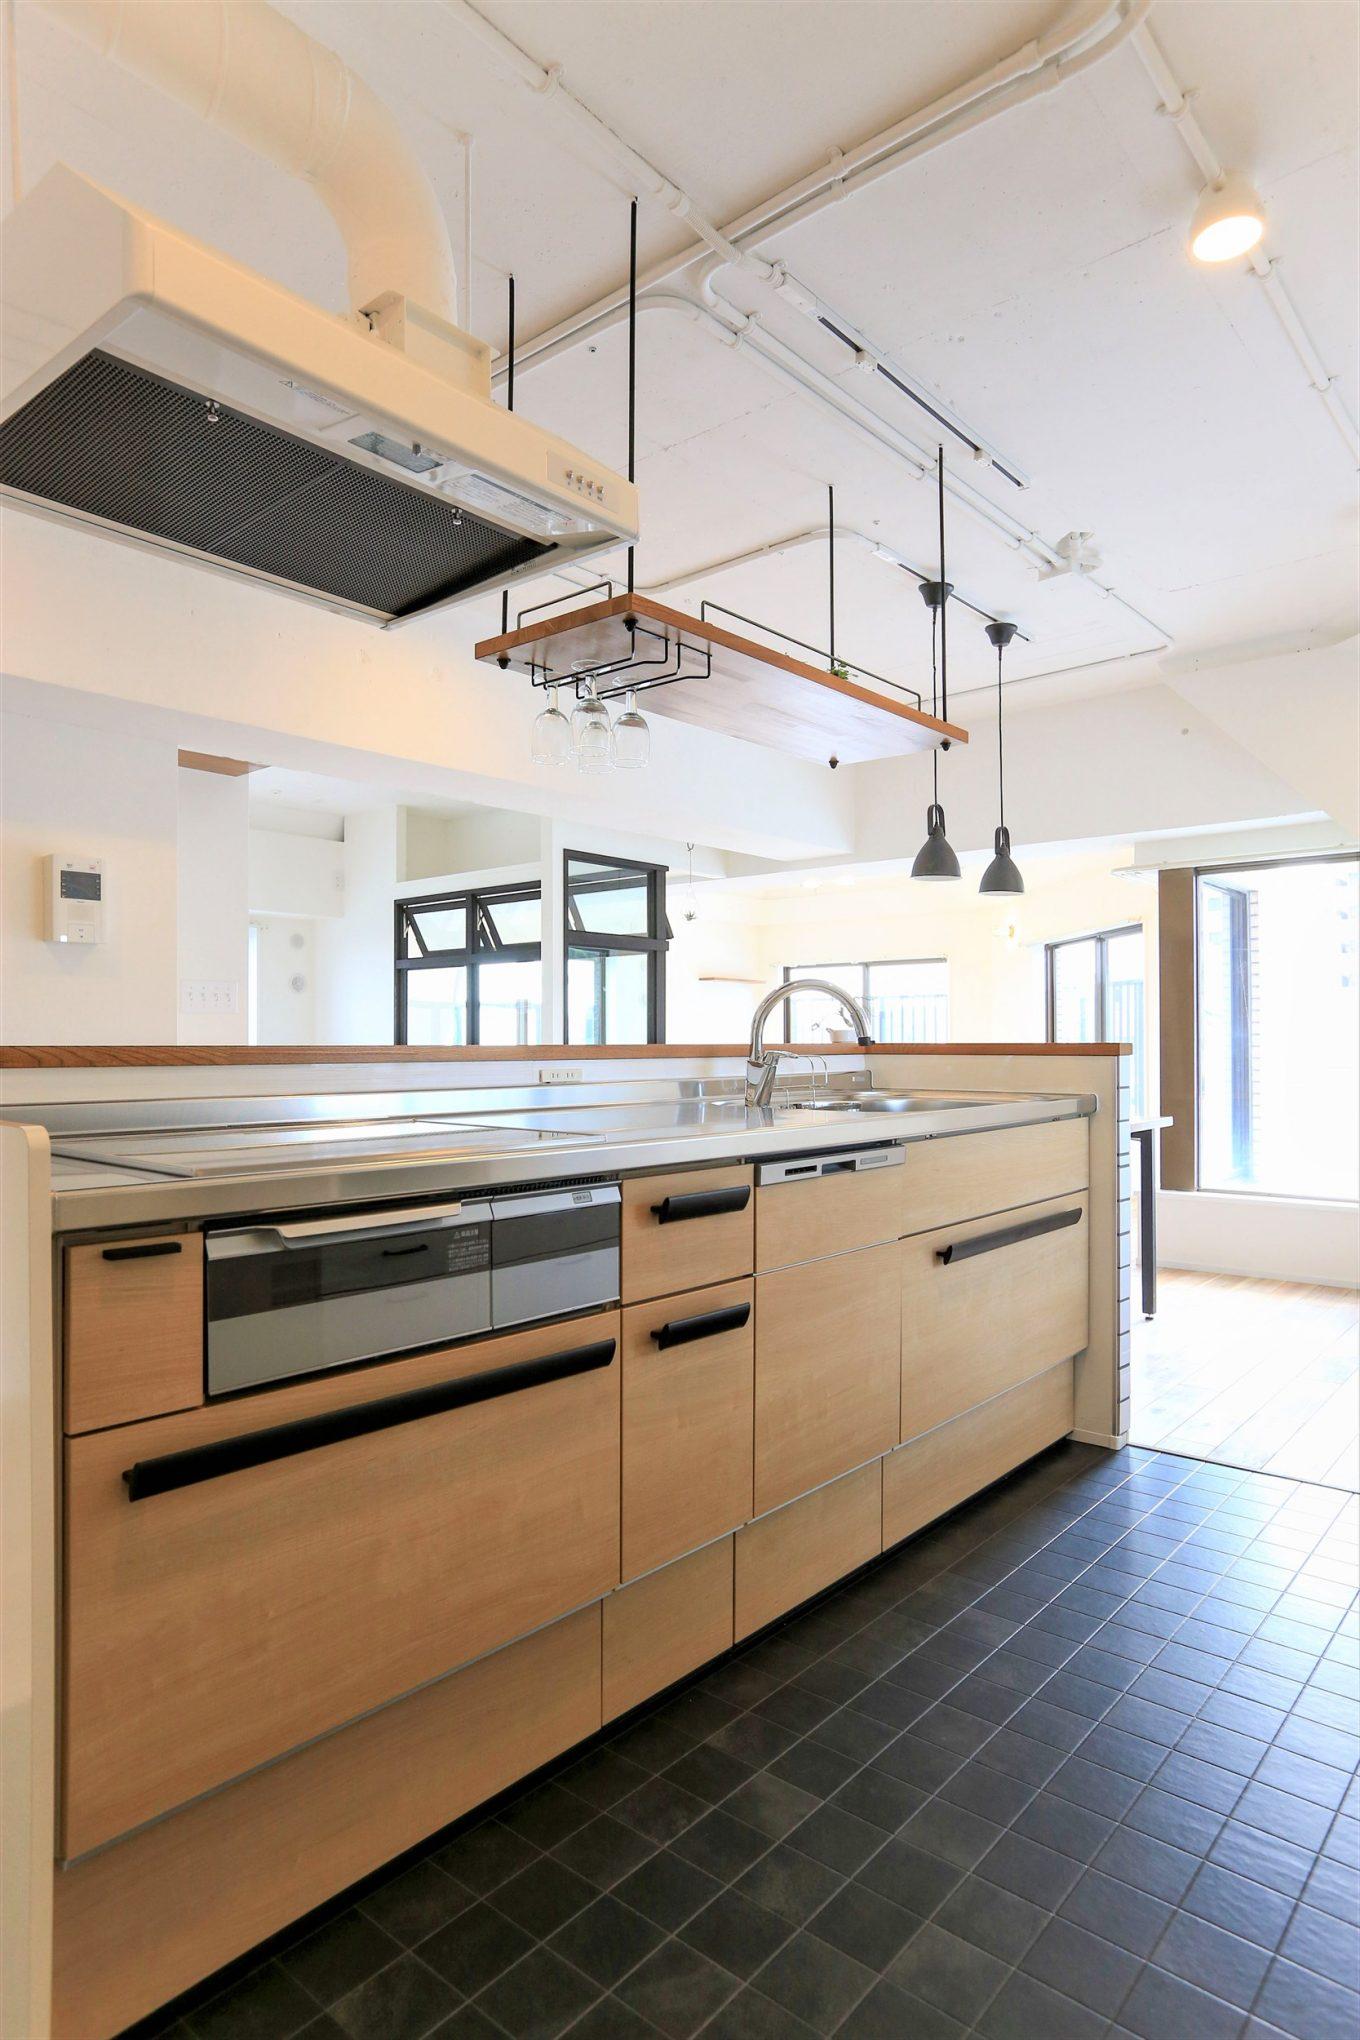 キッチン上部に木製ワイングラスラックを設置した施工事例